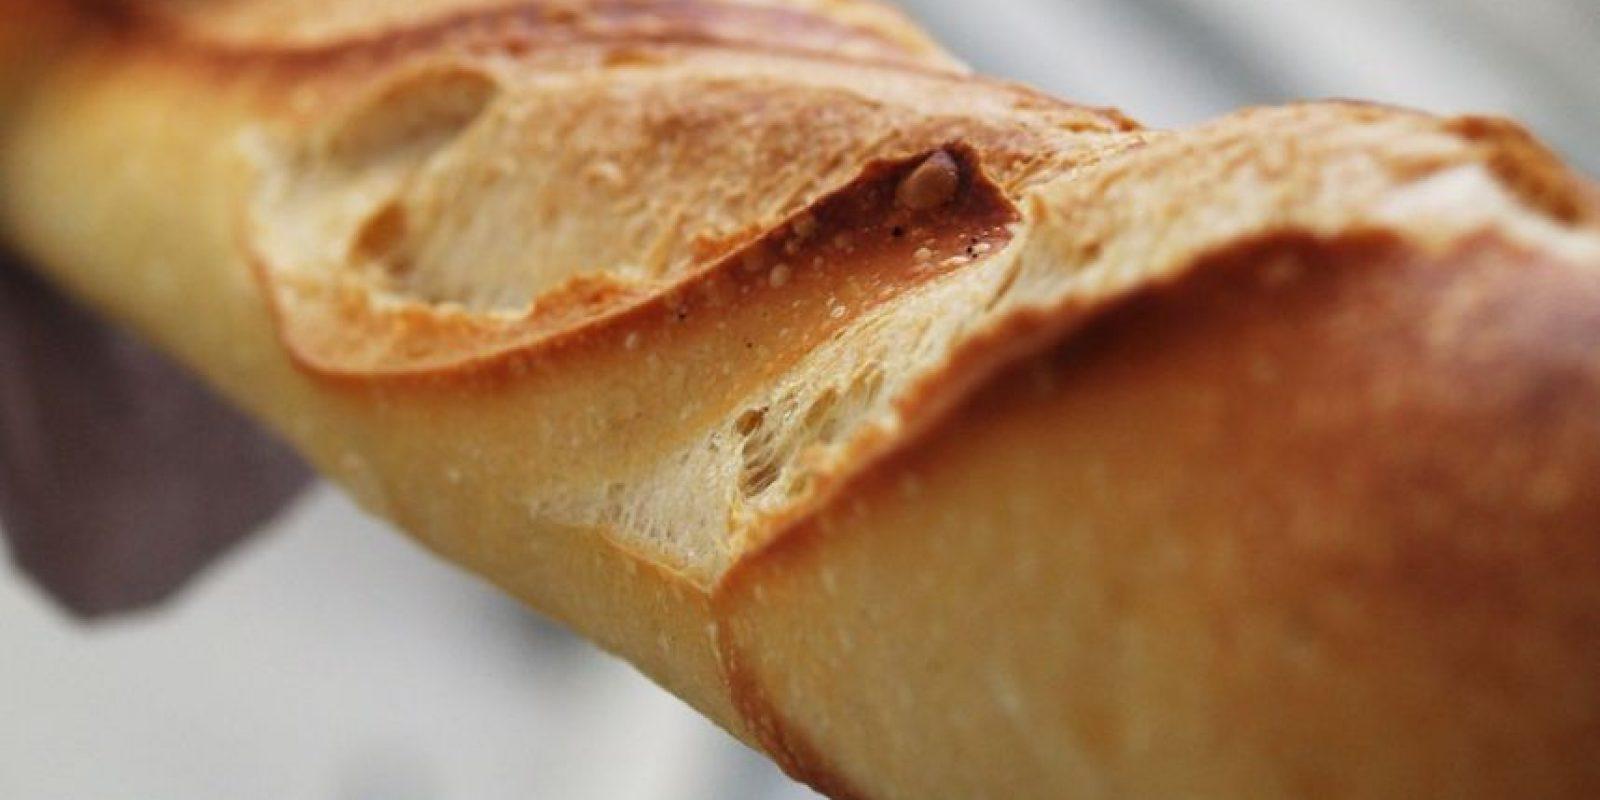 1- Baguette francés. La barra larga y delgada de pan francés se reconoce y se consume en todo el mundo. La baguette, que tiene un diámetro de aproximadamente 5-6 centímetros, se distingue por su longitud (alrededor de 65 centímetros) y corteza crujiente. El pan –a base de harina de trigo, agua, levadura y sal– es considerado uno de los símbolos de la cultura francesa. Los vietnamitas pusieron su toque personal con báhn mi, que utiliza una alta proporción de harina de arroz. Mientras que muchas panaderías norteamericanas hacen baguettes de trigo integral, multigrano, y de masa fermentada.